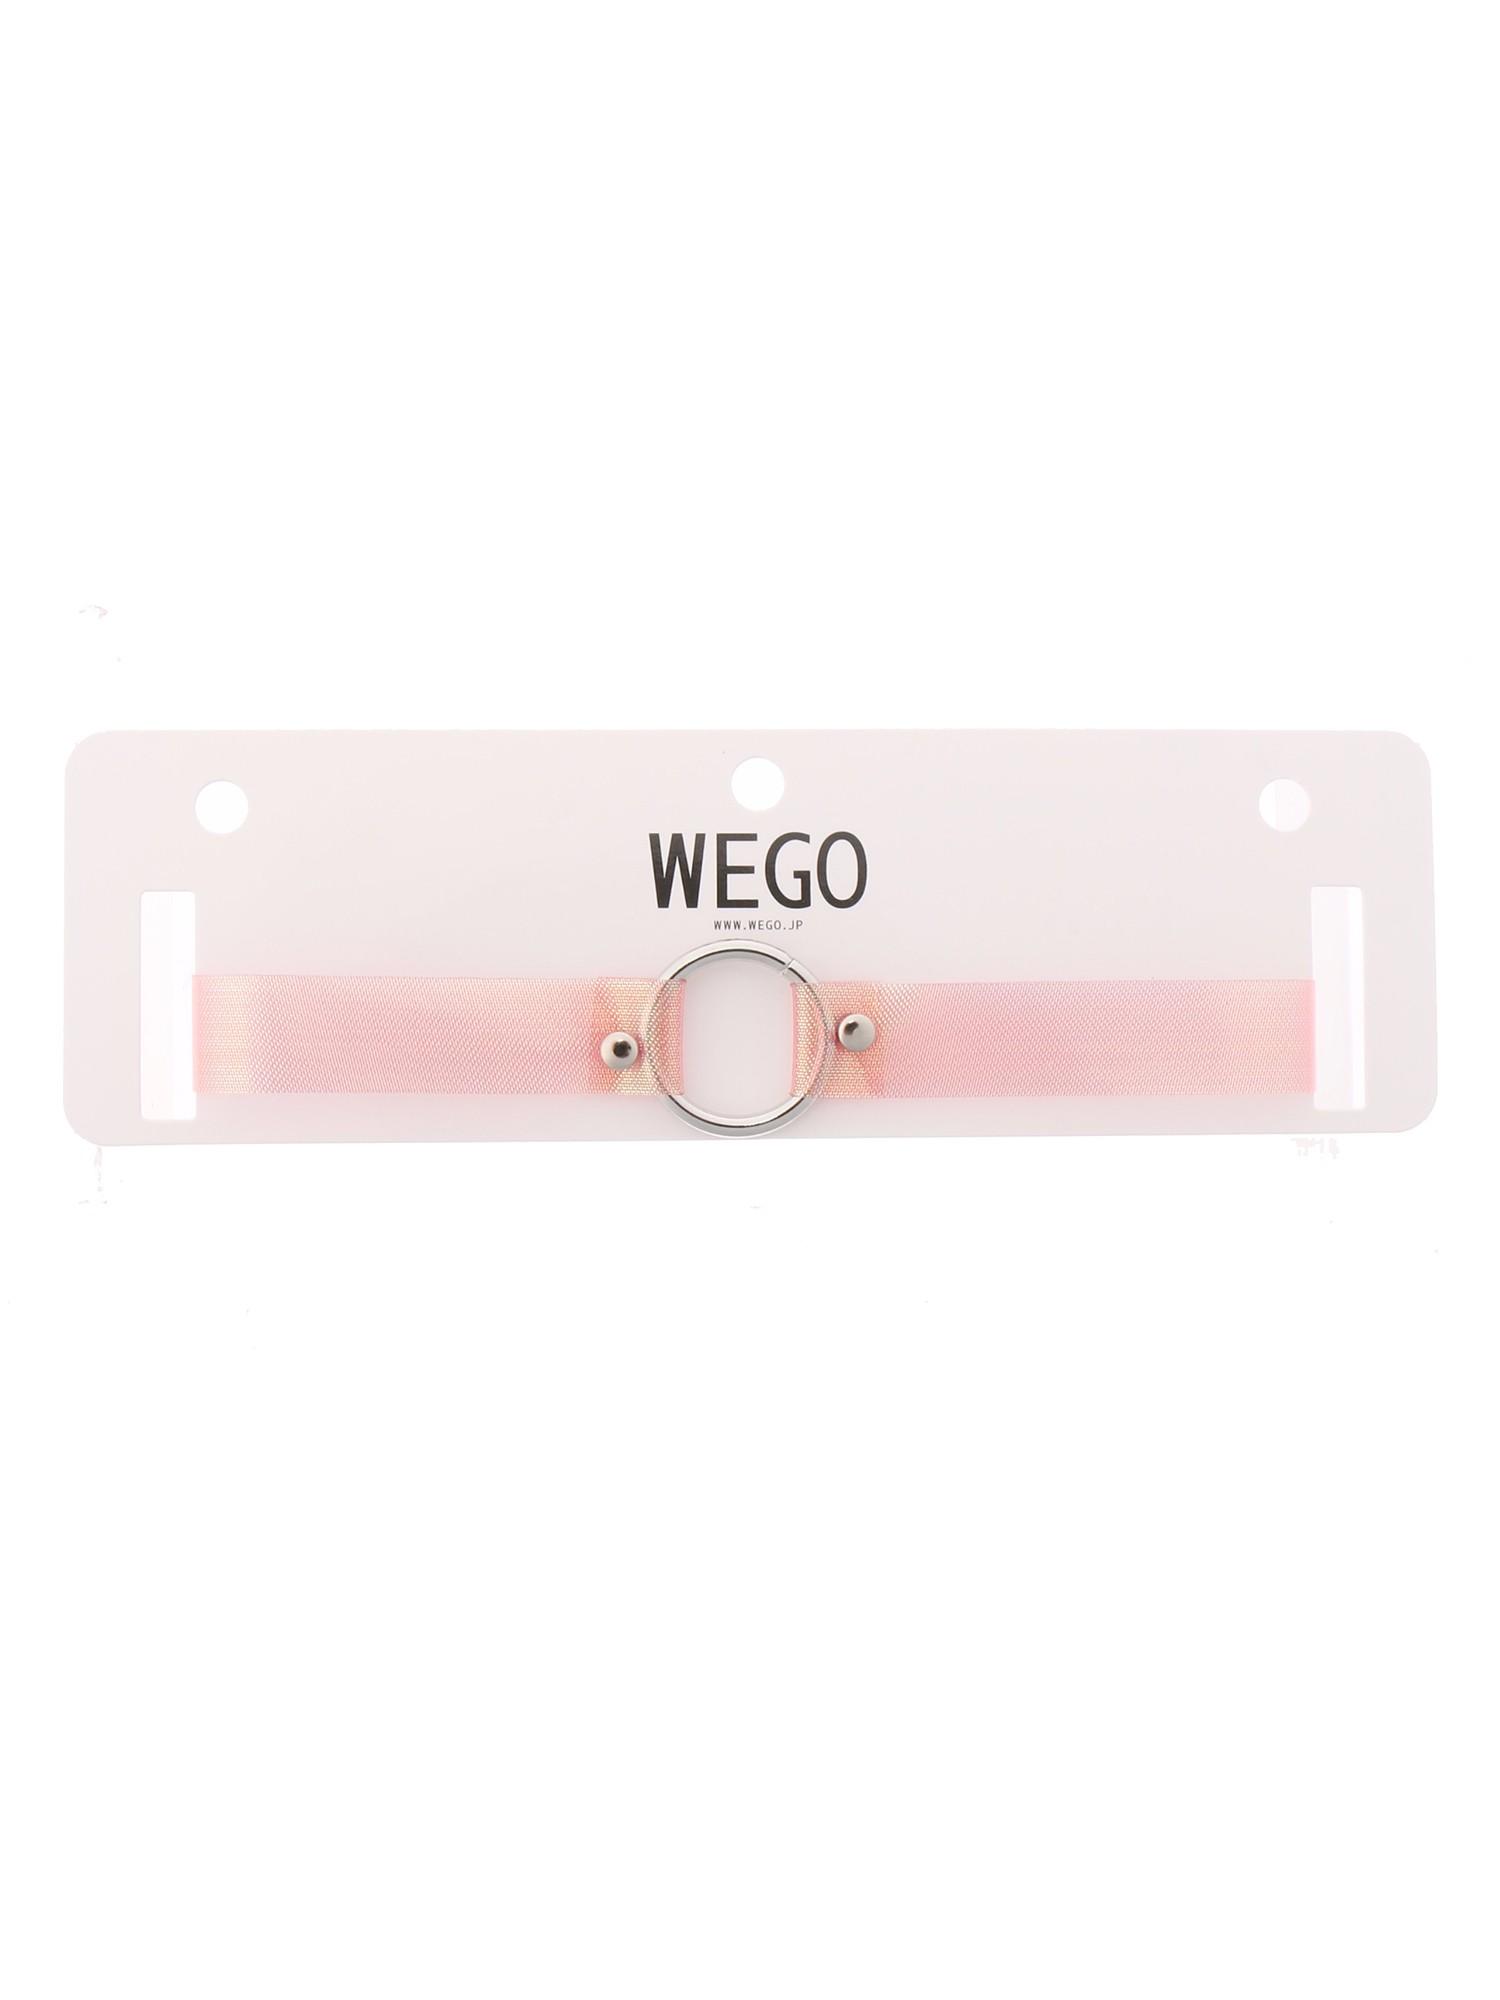 WEGO/オーロラチョーカー